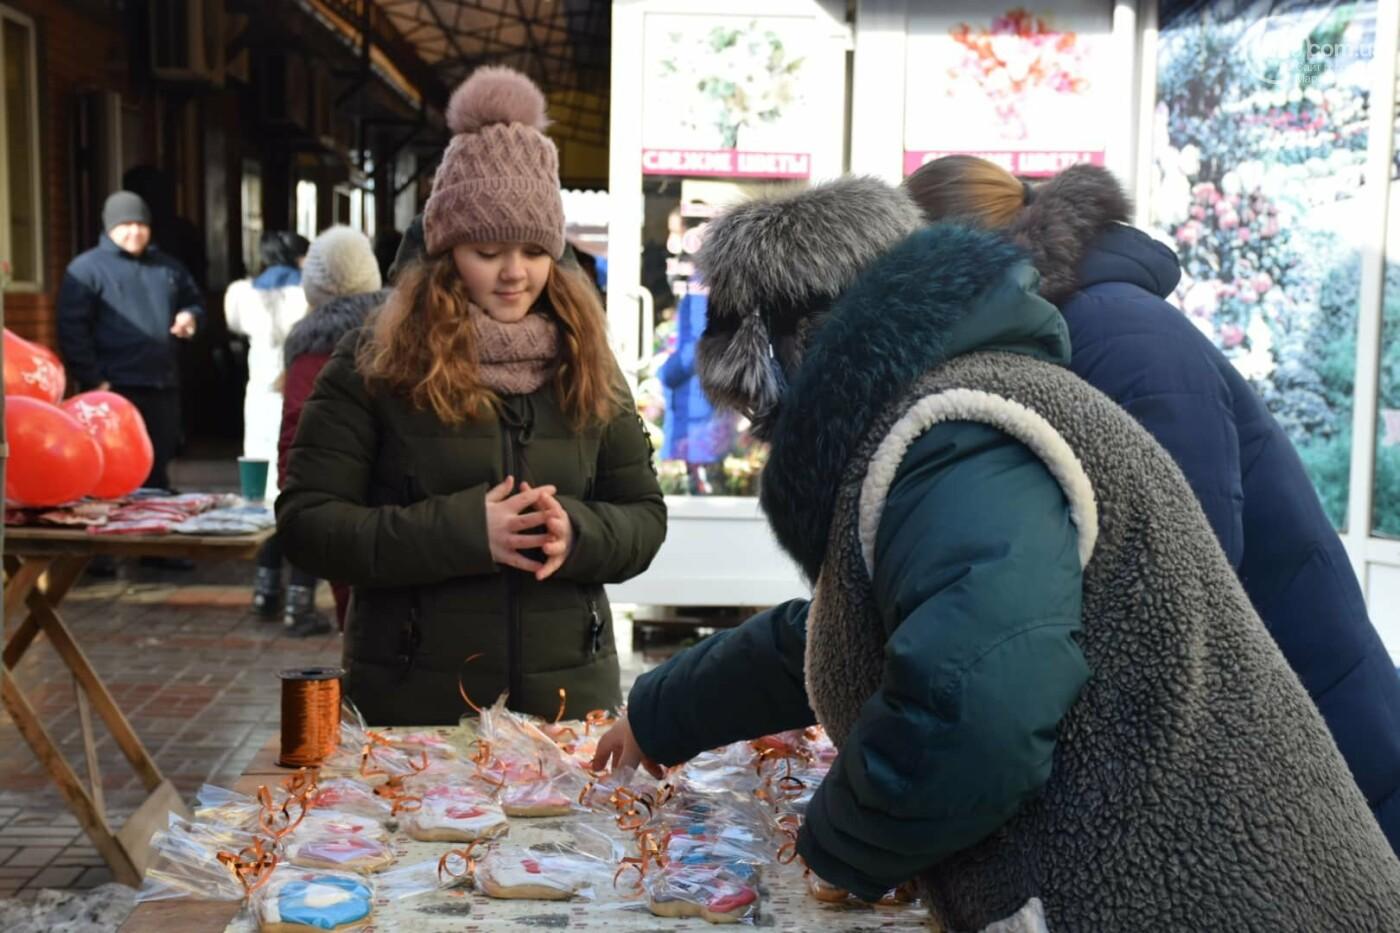 День Святого Валентина в Мариуполе: цветы, шары и мужчины-романтики, - ФОТОРЕПОРТАЖ, фото-26